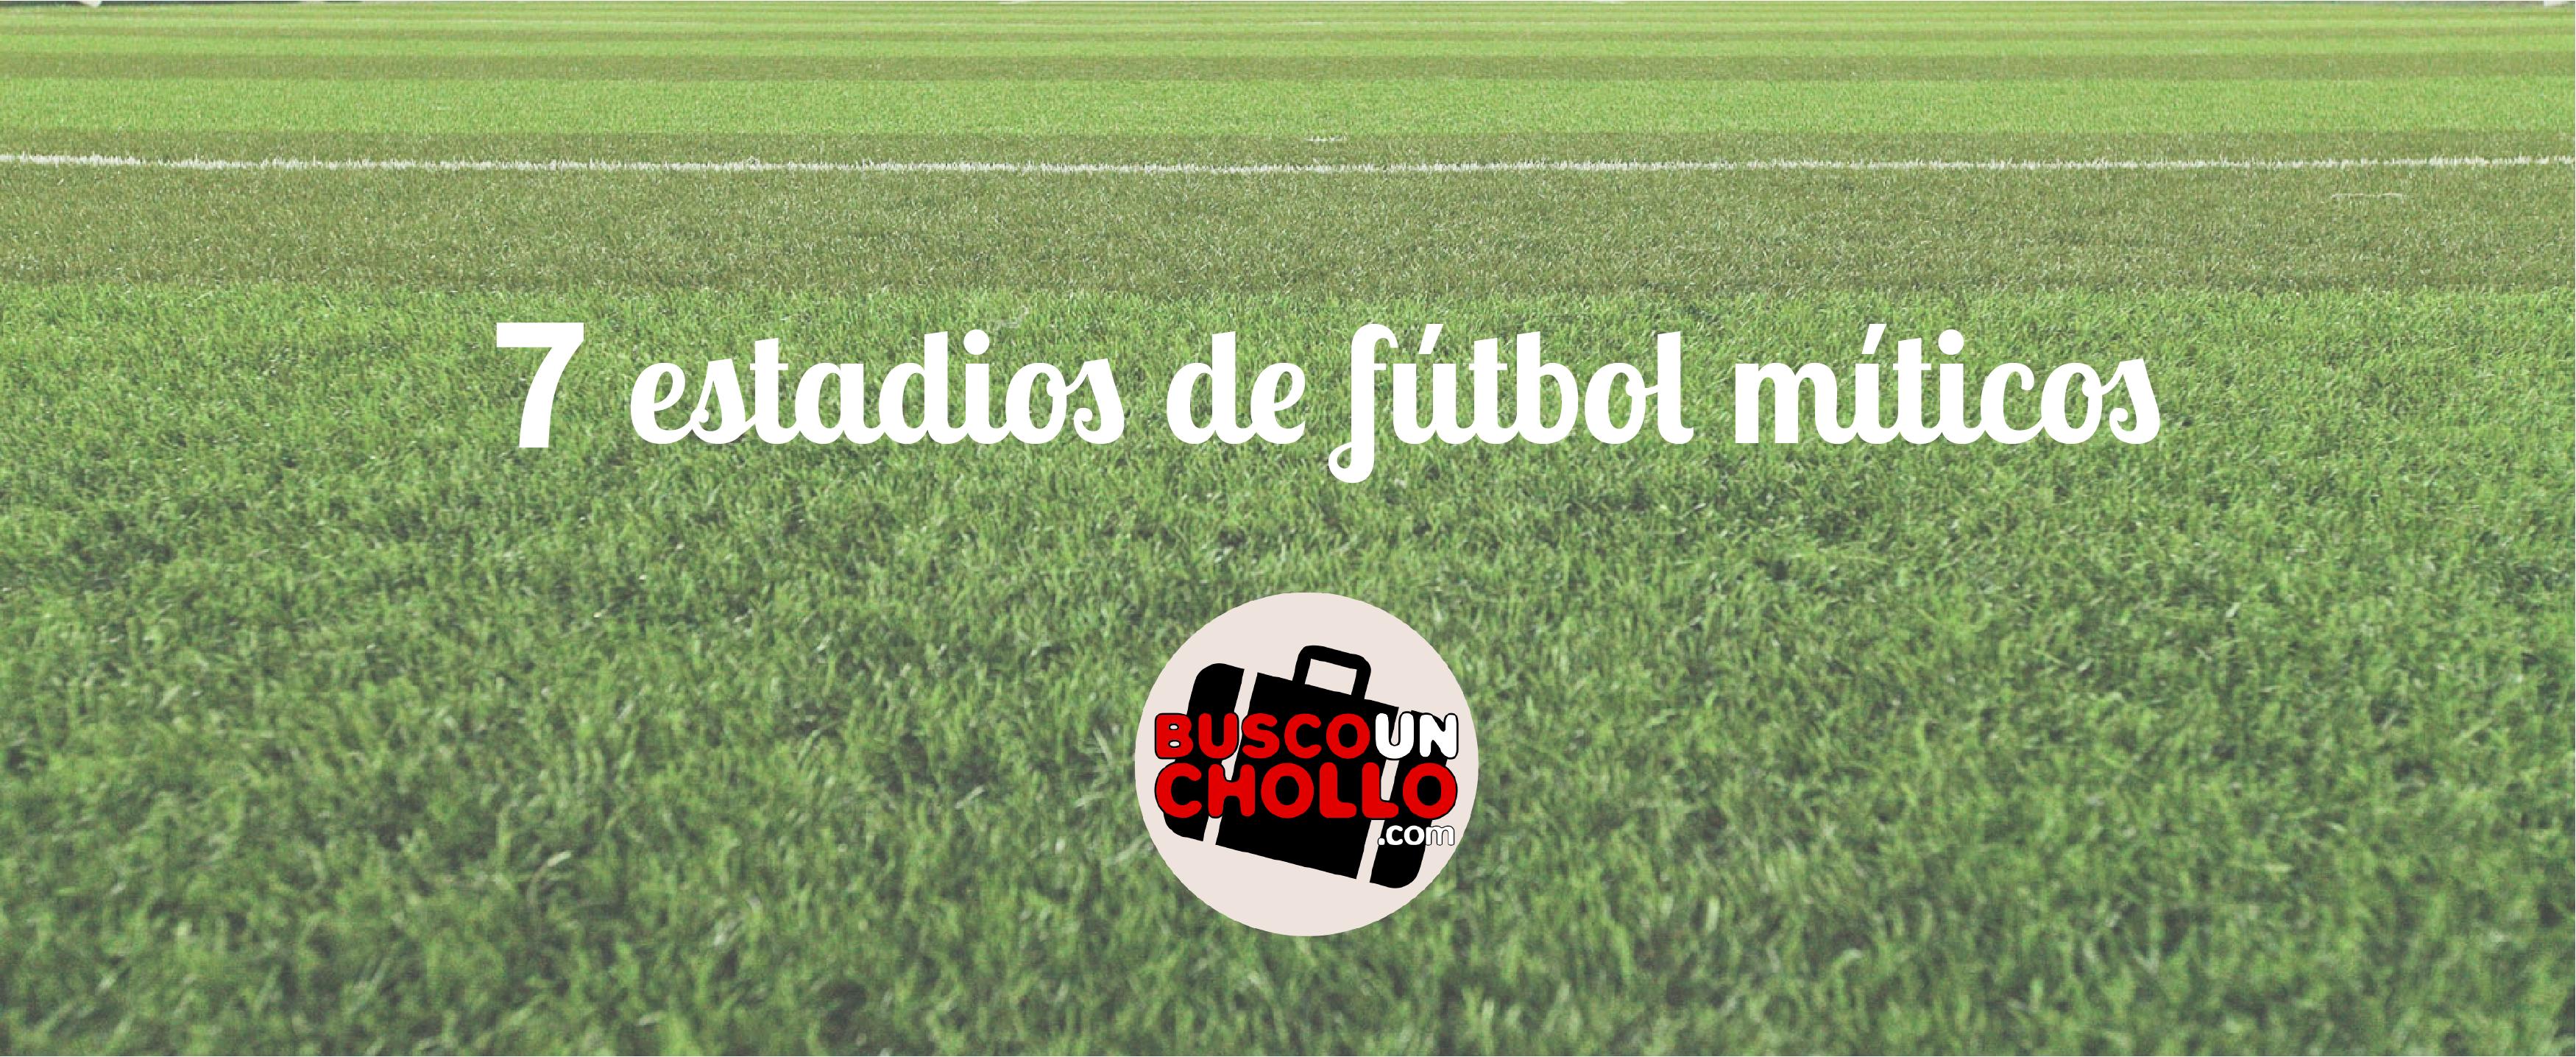 campos de futbol españoles